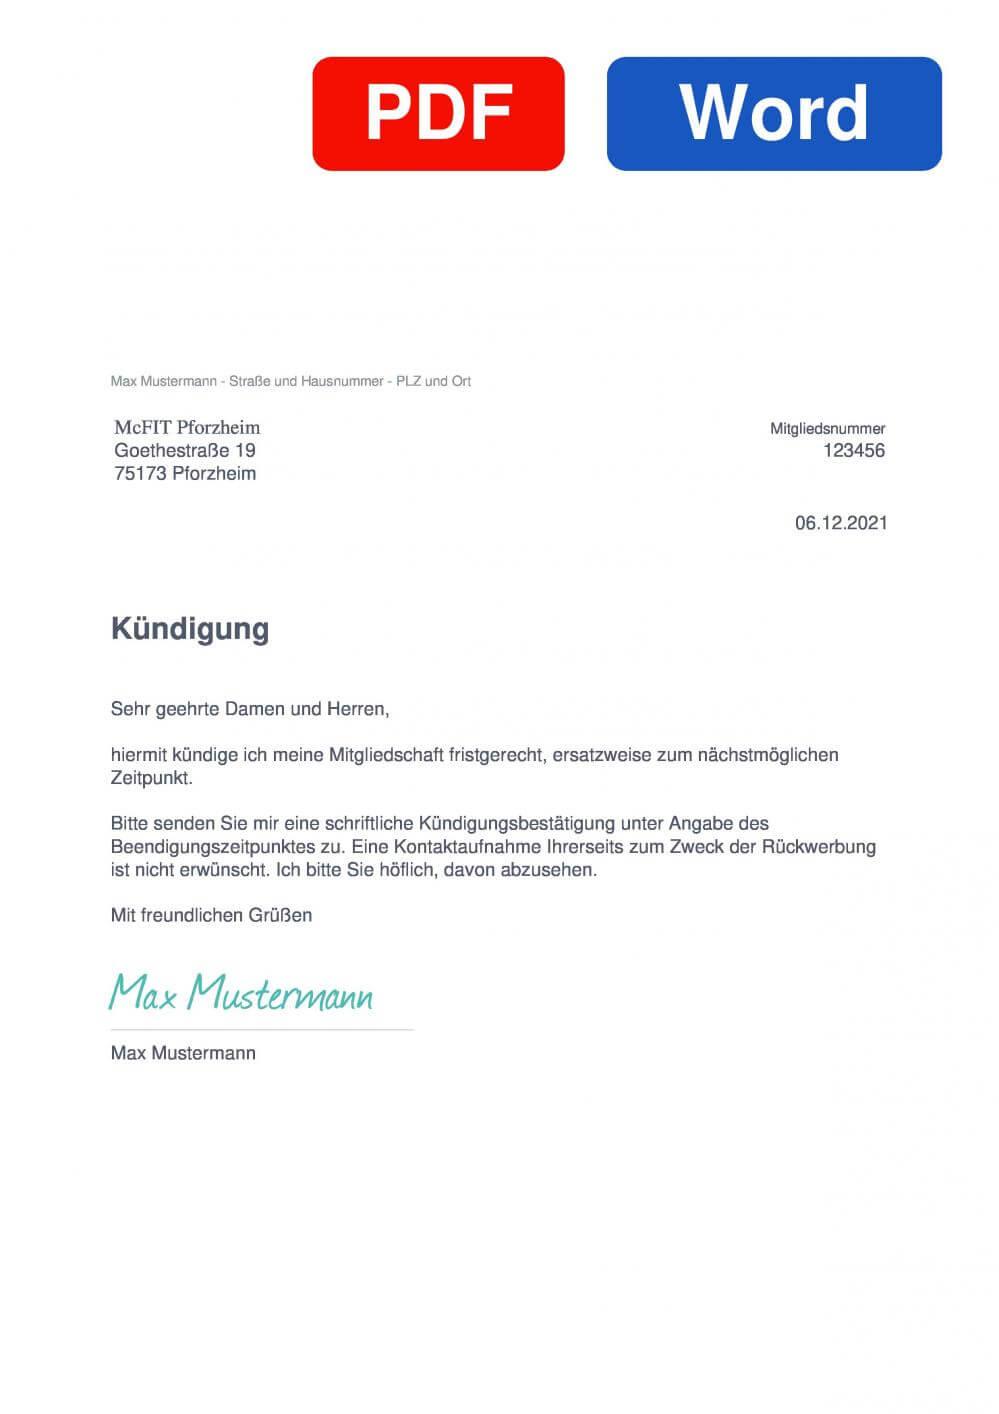 McFIT Pforzheim Muster Vorlage für Kündigungsschreiben